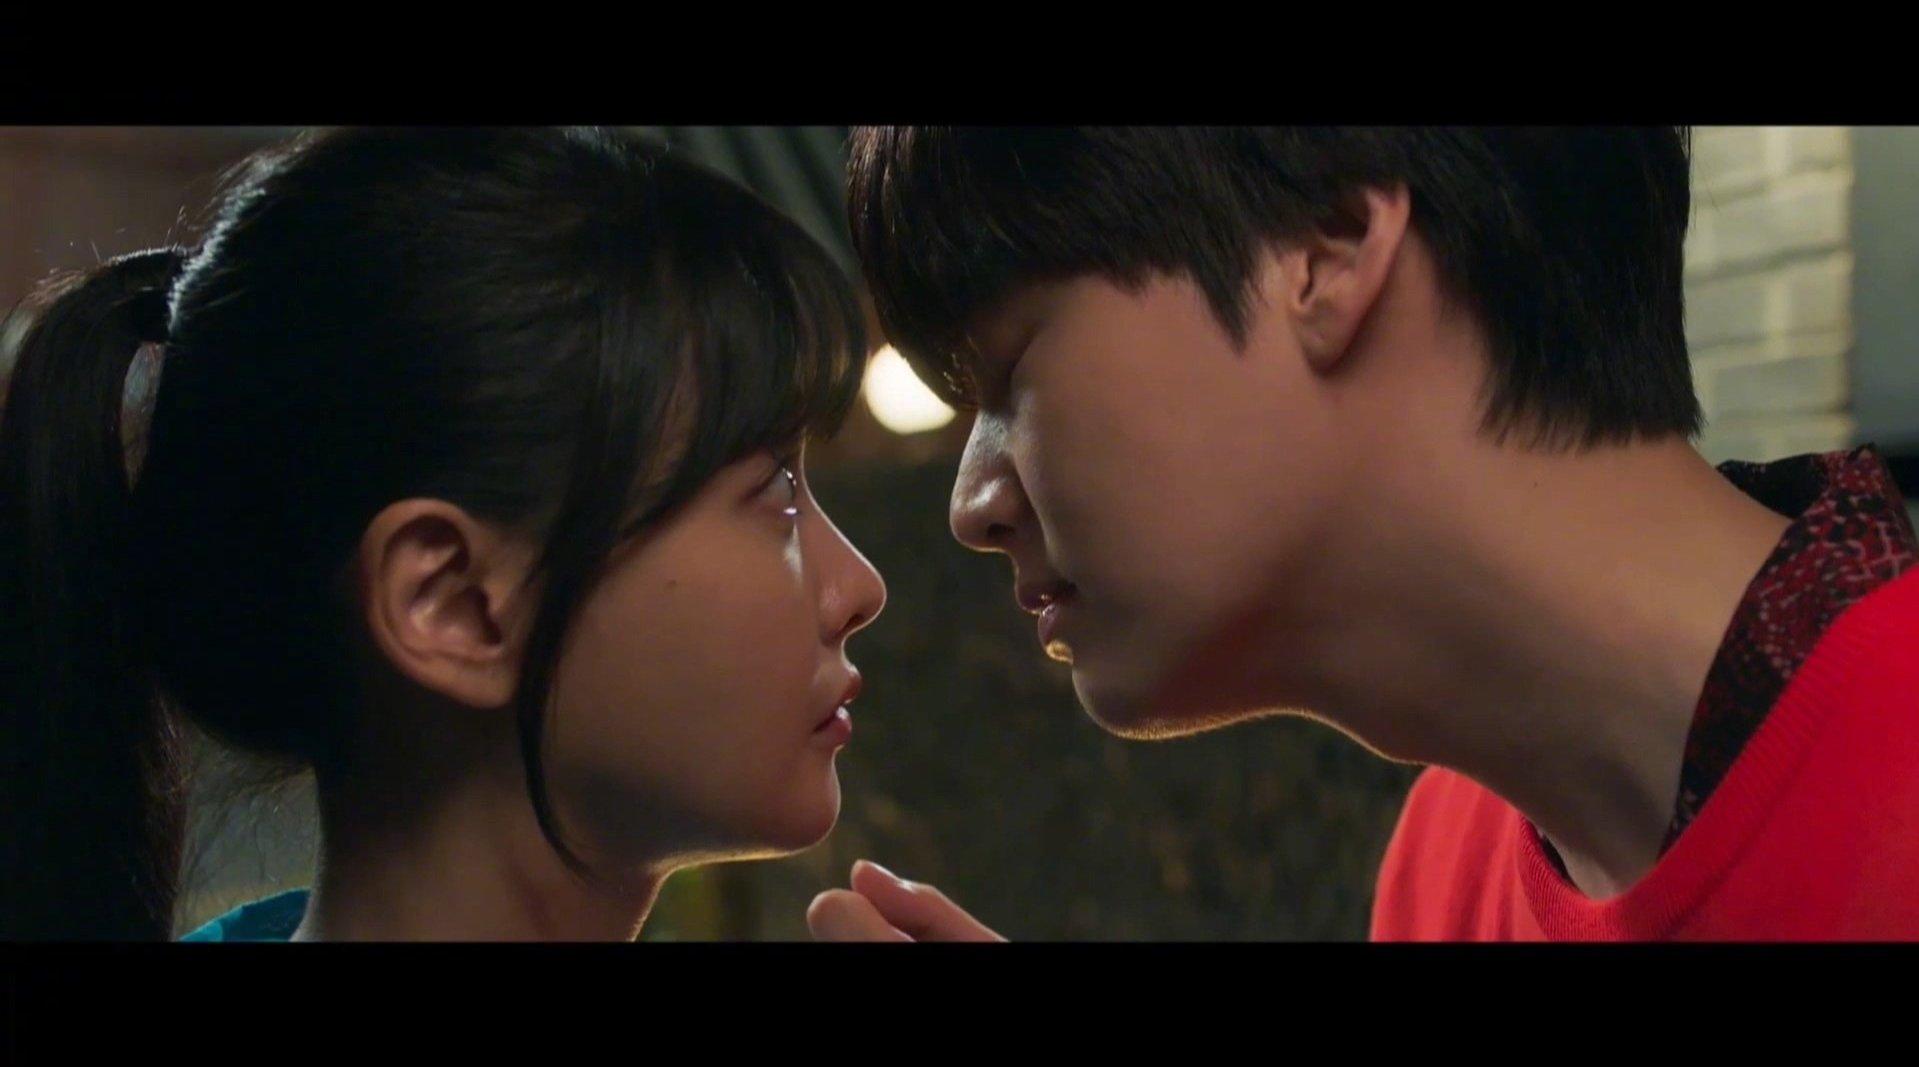 安宰贤 吴涟序 金瑟琪主演MBC新剧《有缺陷的人们》超长5分预告公开